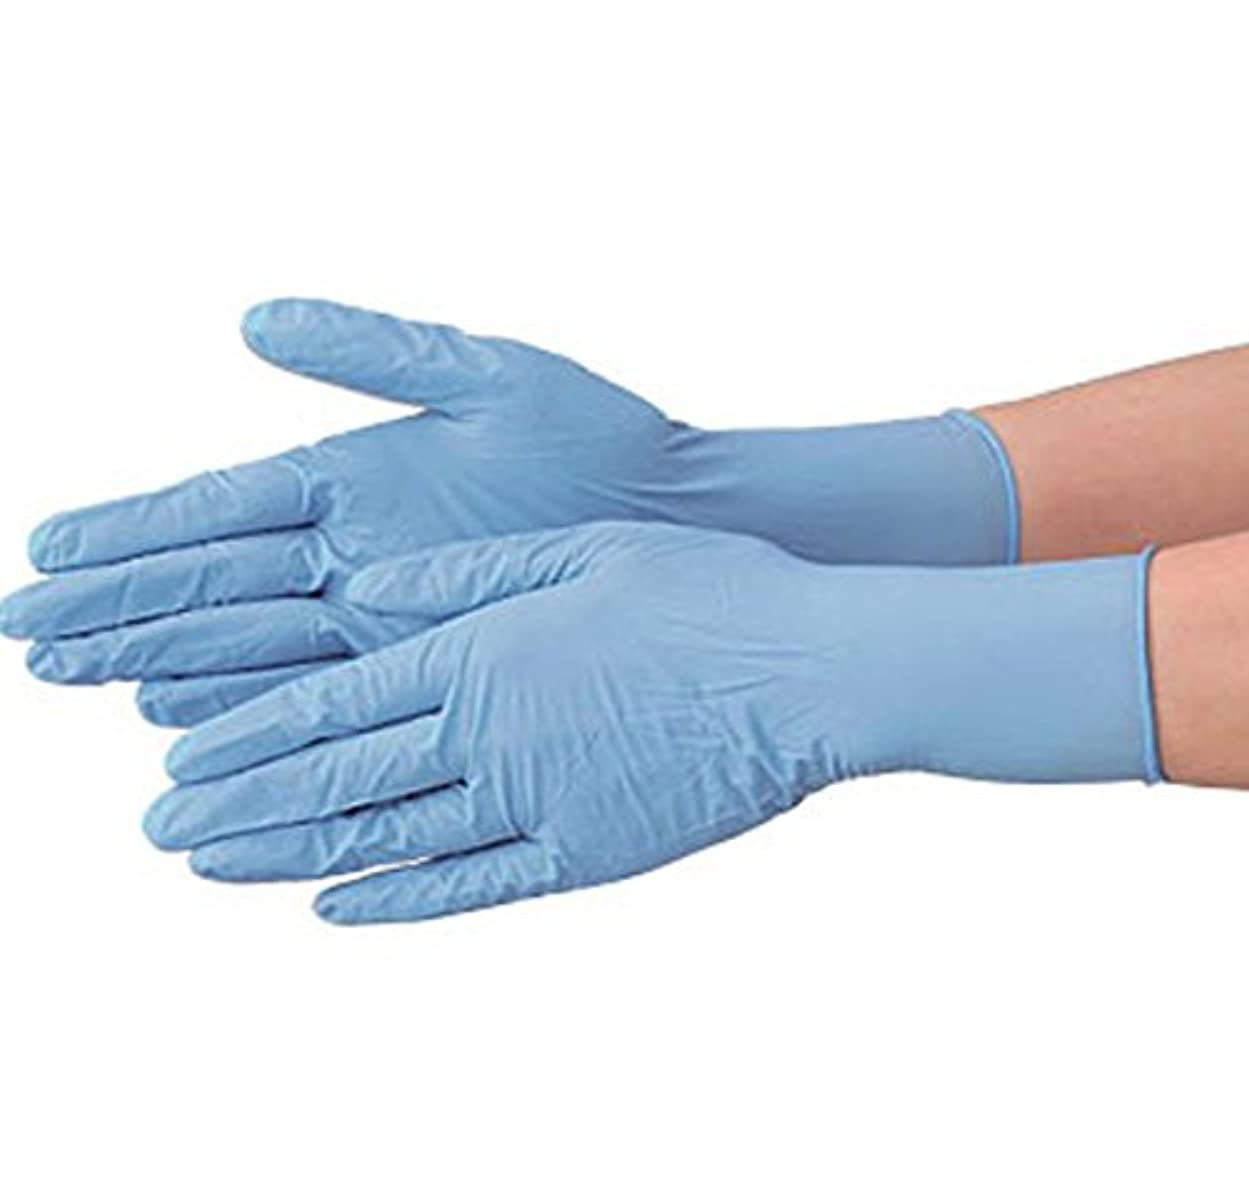 イーウェル折るマイルストーン使い捨て 手袋 エブノ 520 ニトリル 極薄手袋 パウダーフリー ブルー Lサイズ 2ケース(100枚×40箱)